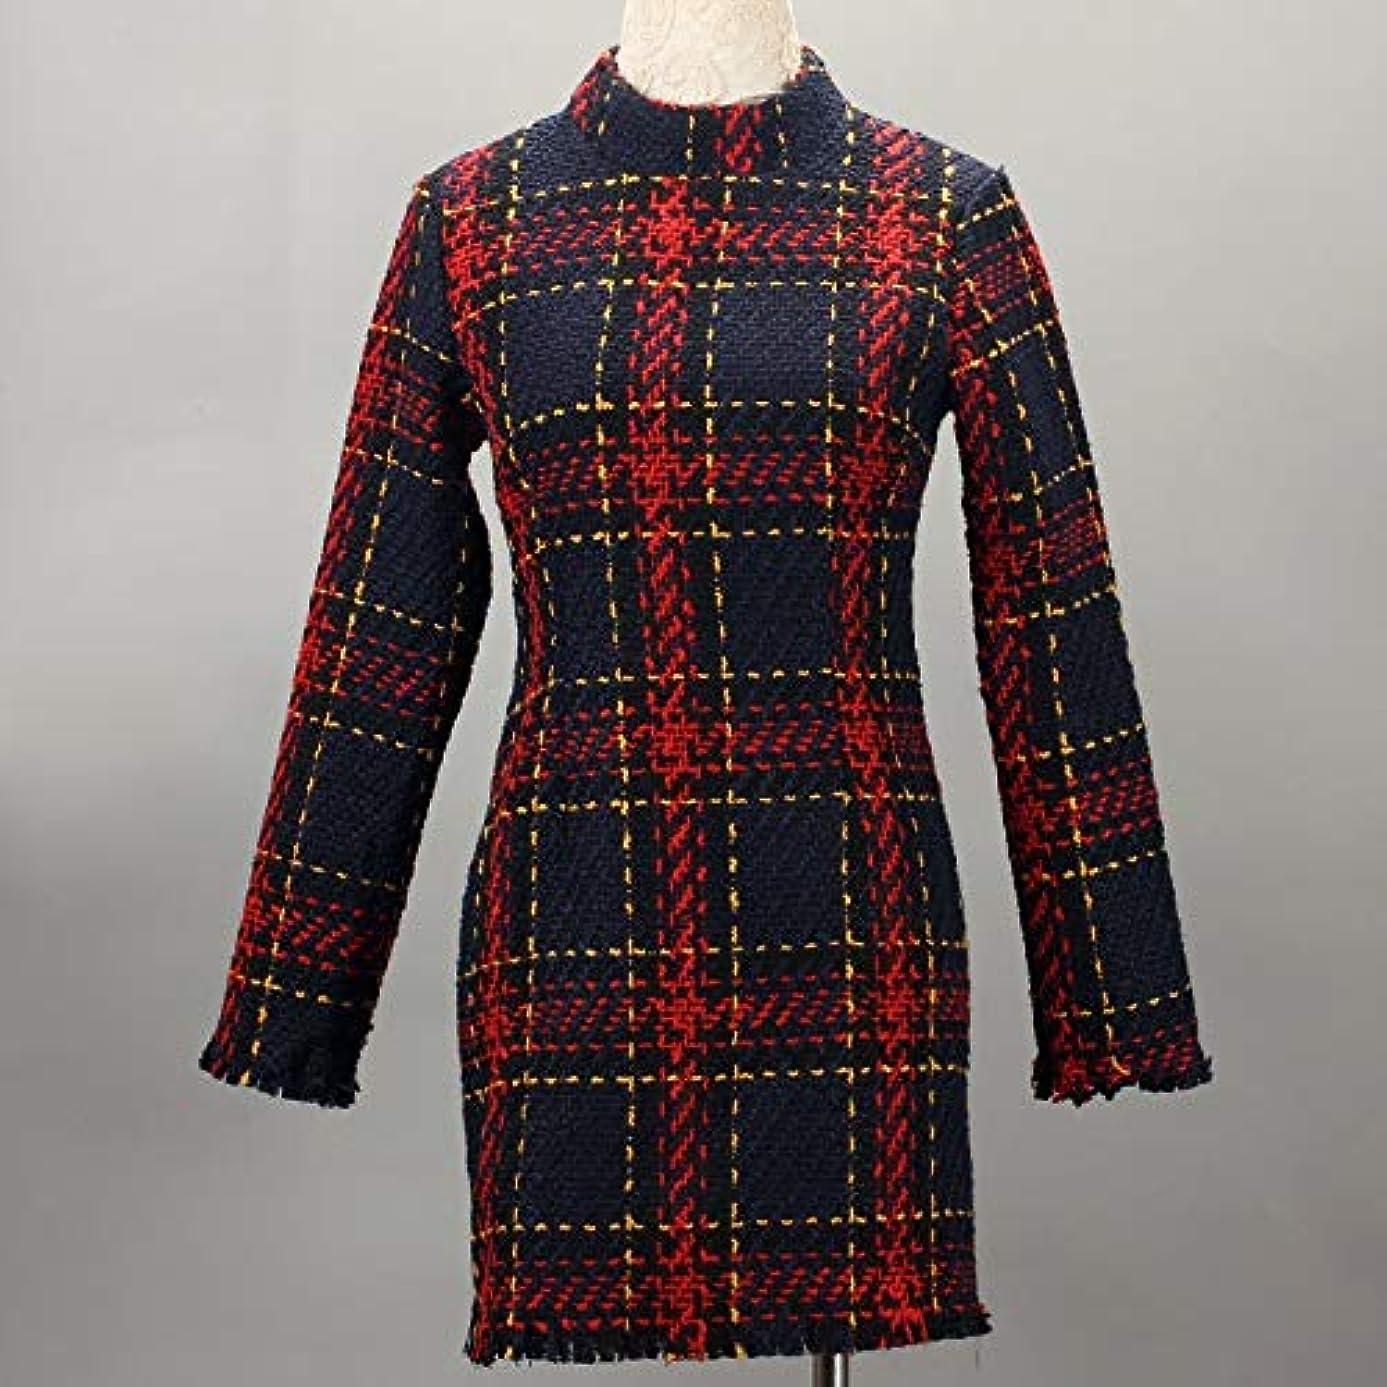 むさぼり食うスキム一過性Maxcrestas - ファッション冬のドレスの女性は、ストライプ長袖スリムスキニーセクシーなミニボディコンヴィンテージvestidosドレスの女性を印刷PLAID